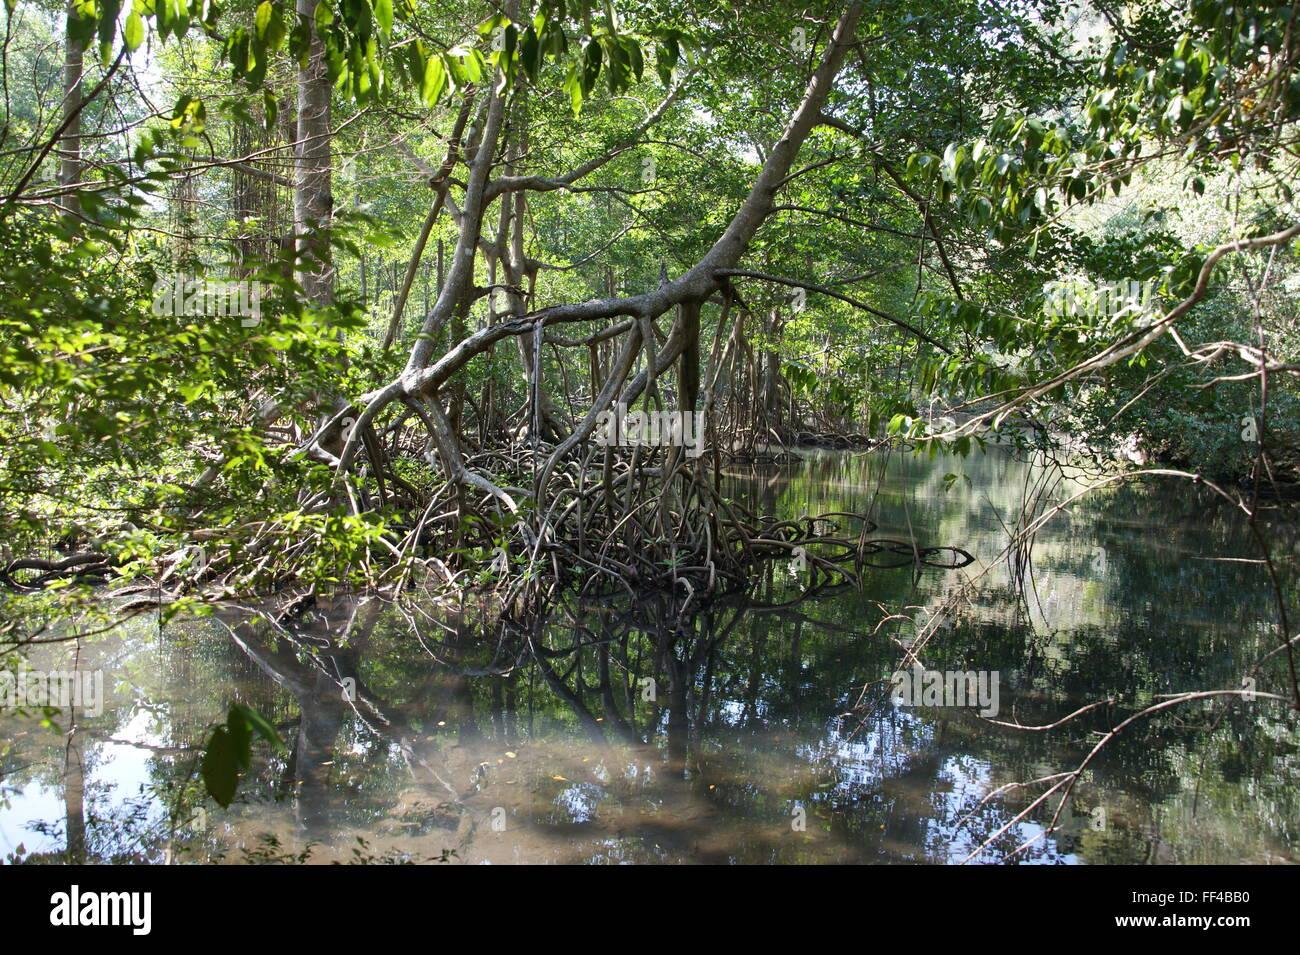 Rainforest, Mangroves.  Ecotourism. Los Haitises National Park, Sabana de La Mar, Dominican Republic - Stock Image